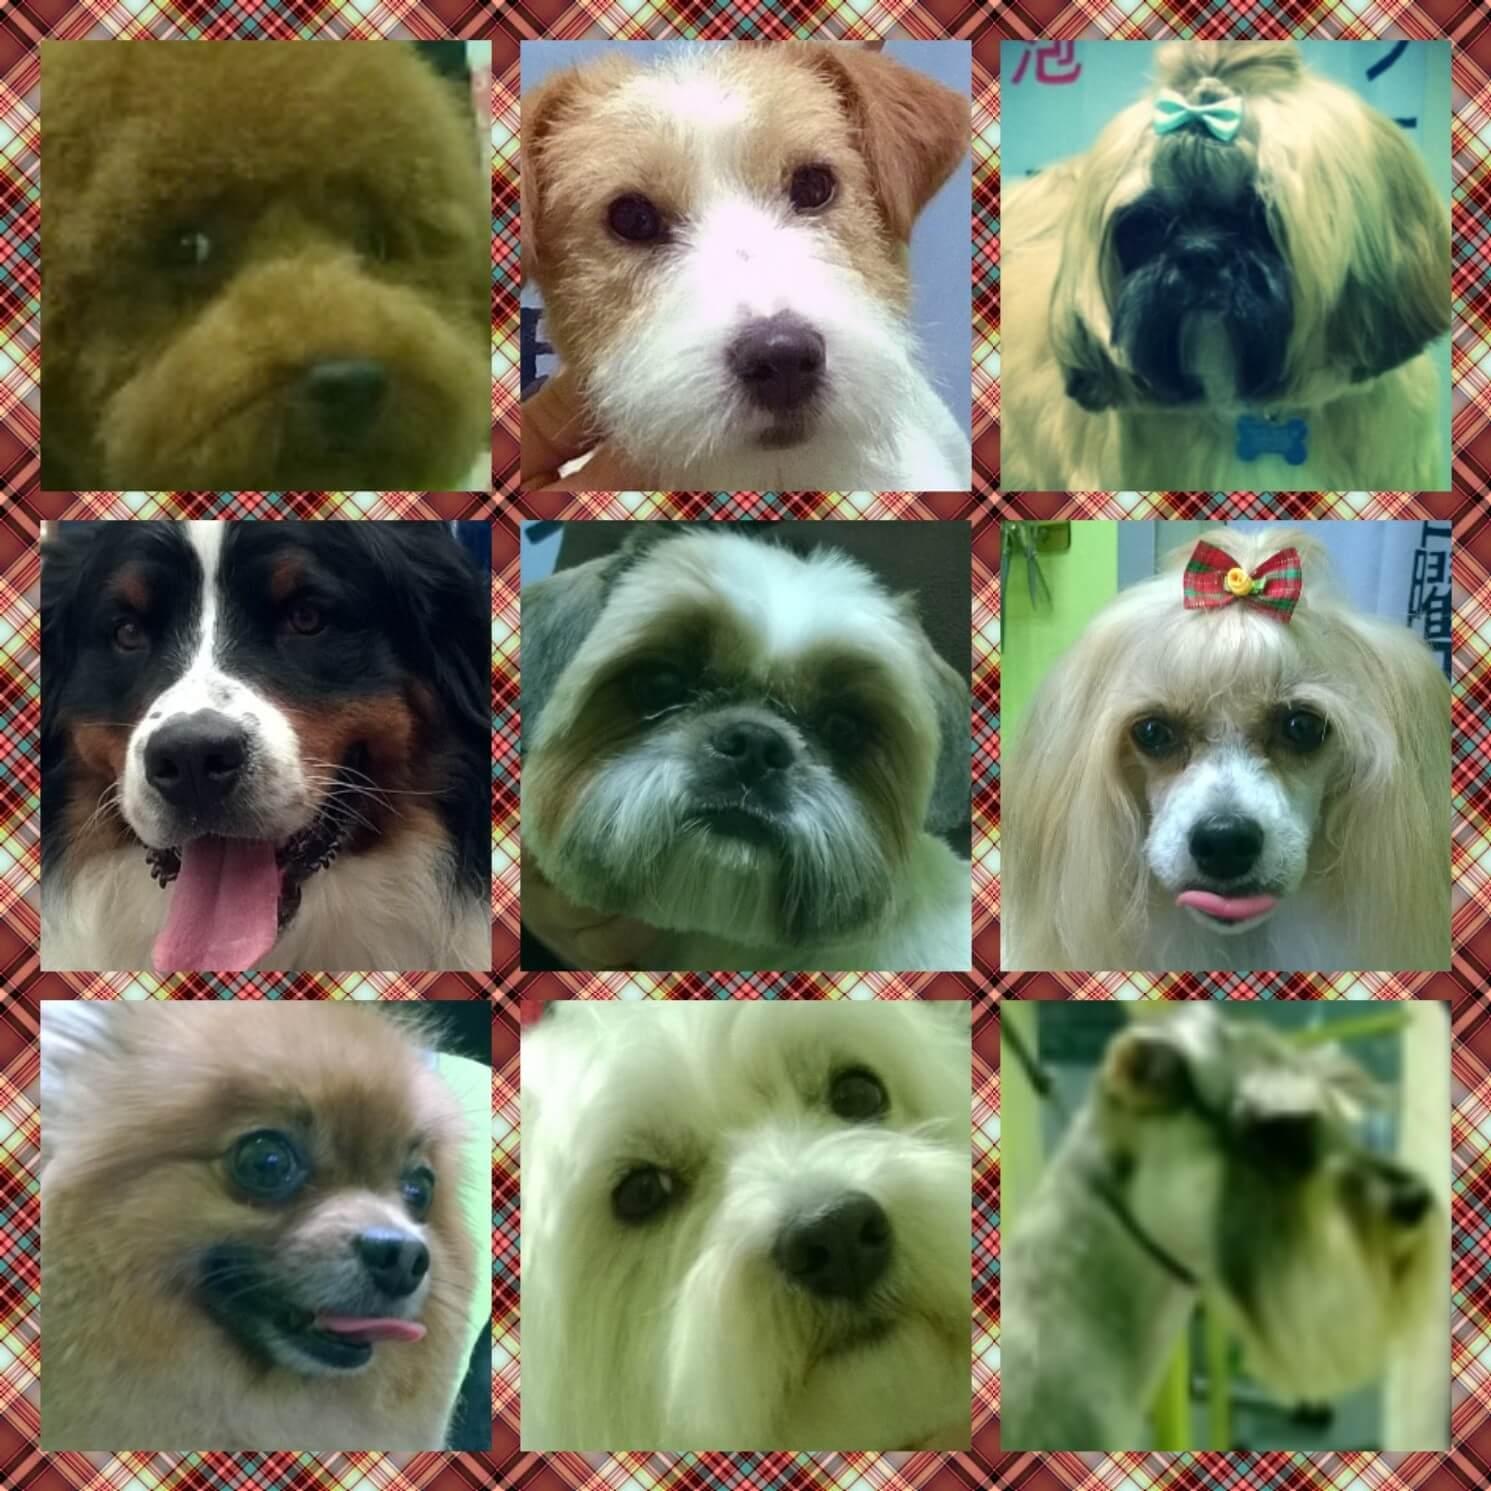 Terzo collage di 9 cagnolini.